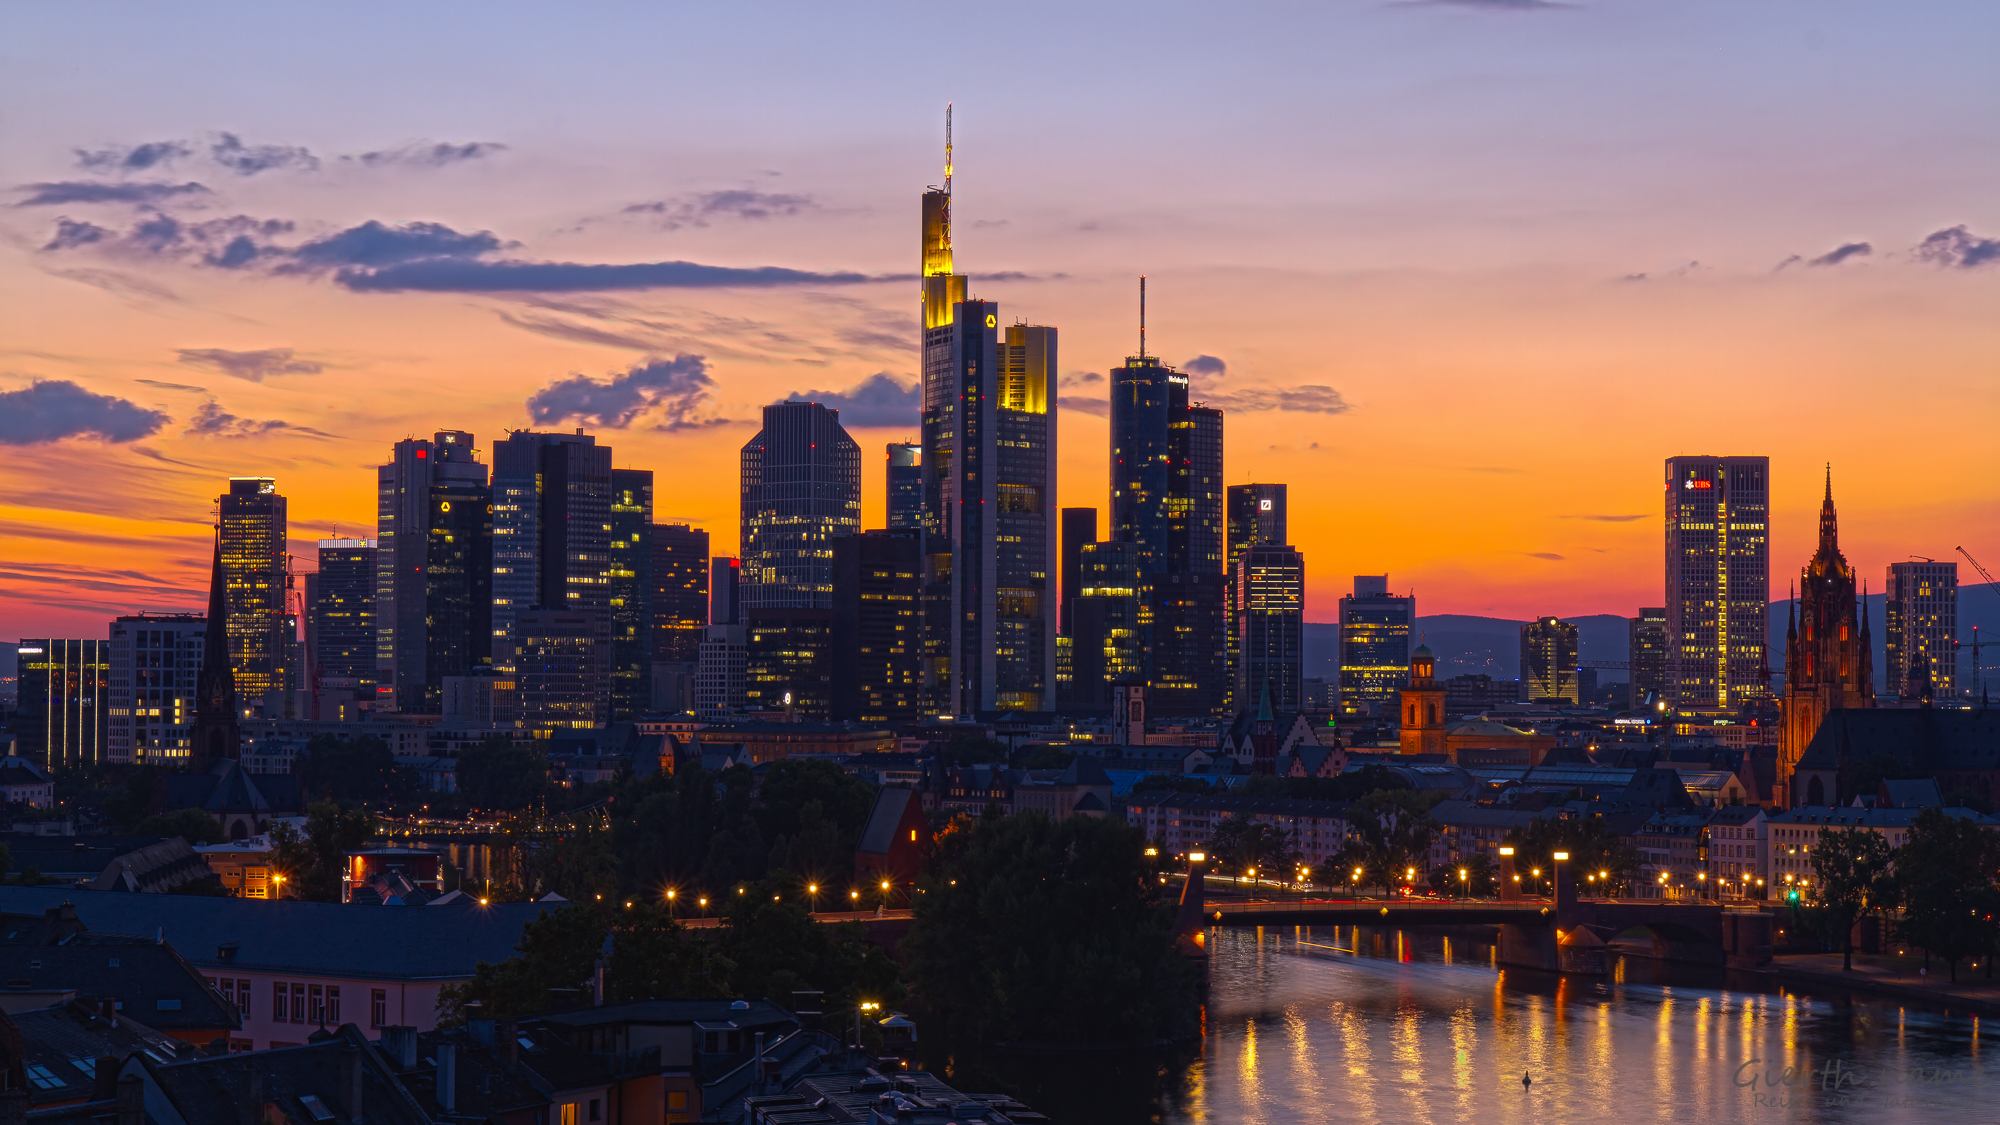 Frankfurt Mainhatten vom Lindner Mainplaza fotografiert